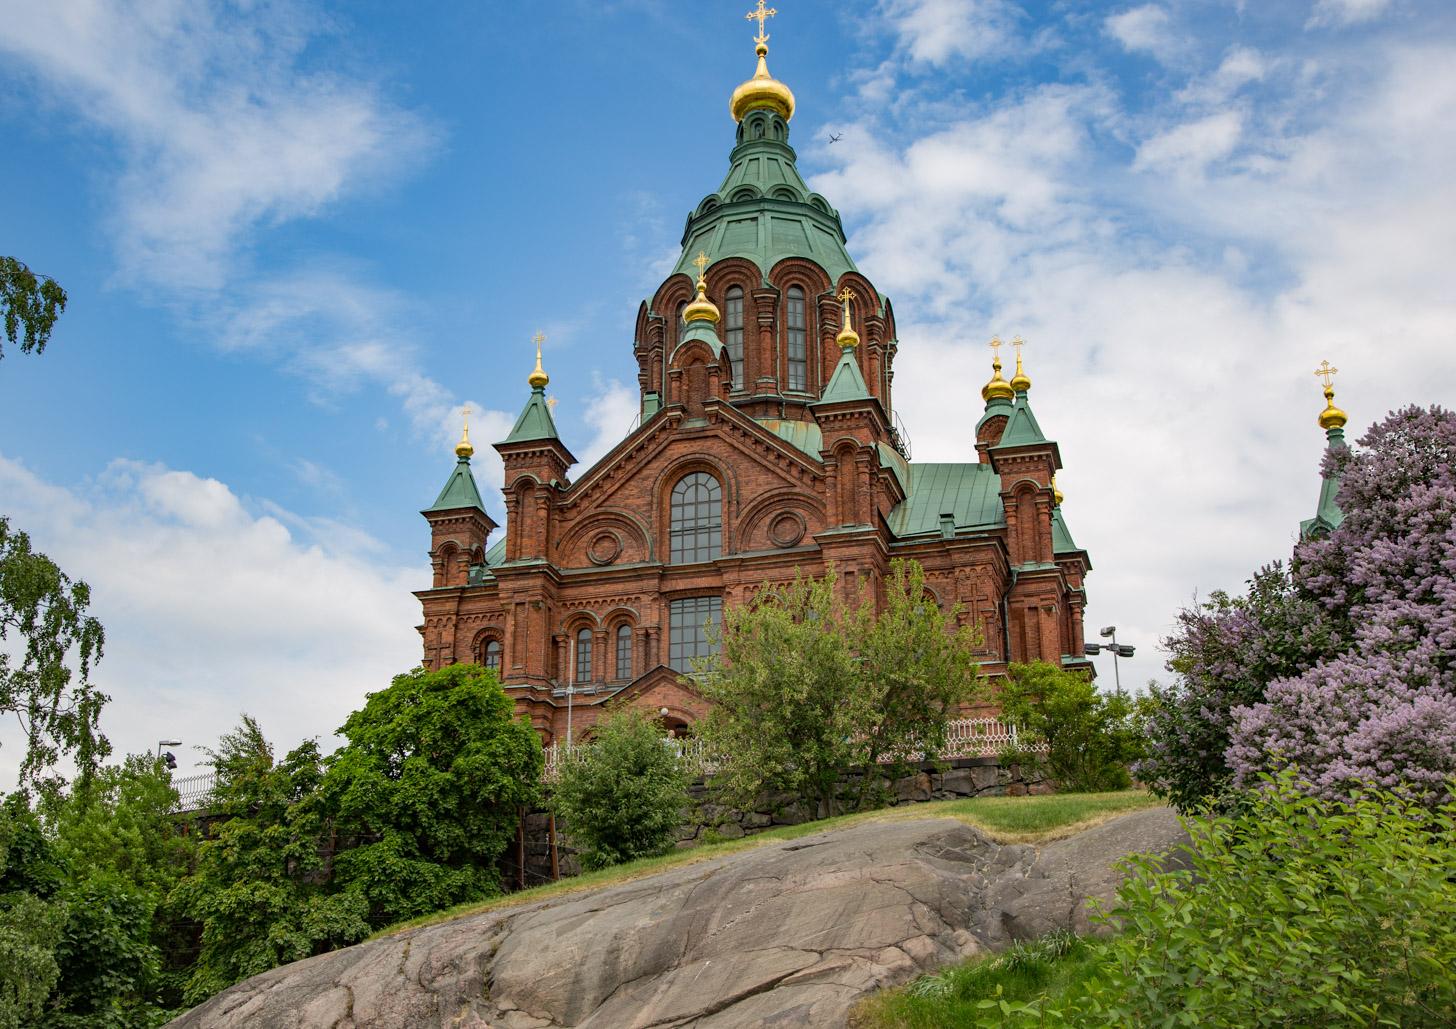 De Oespenski Kathedraal in Helsinki